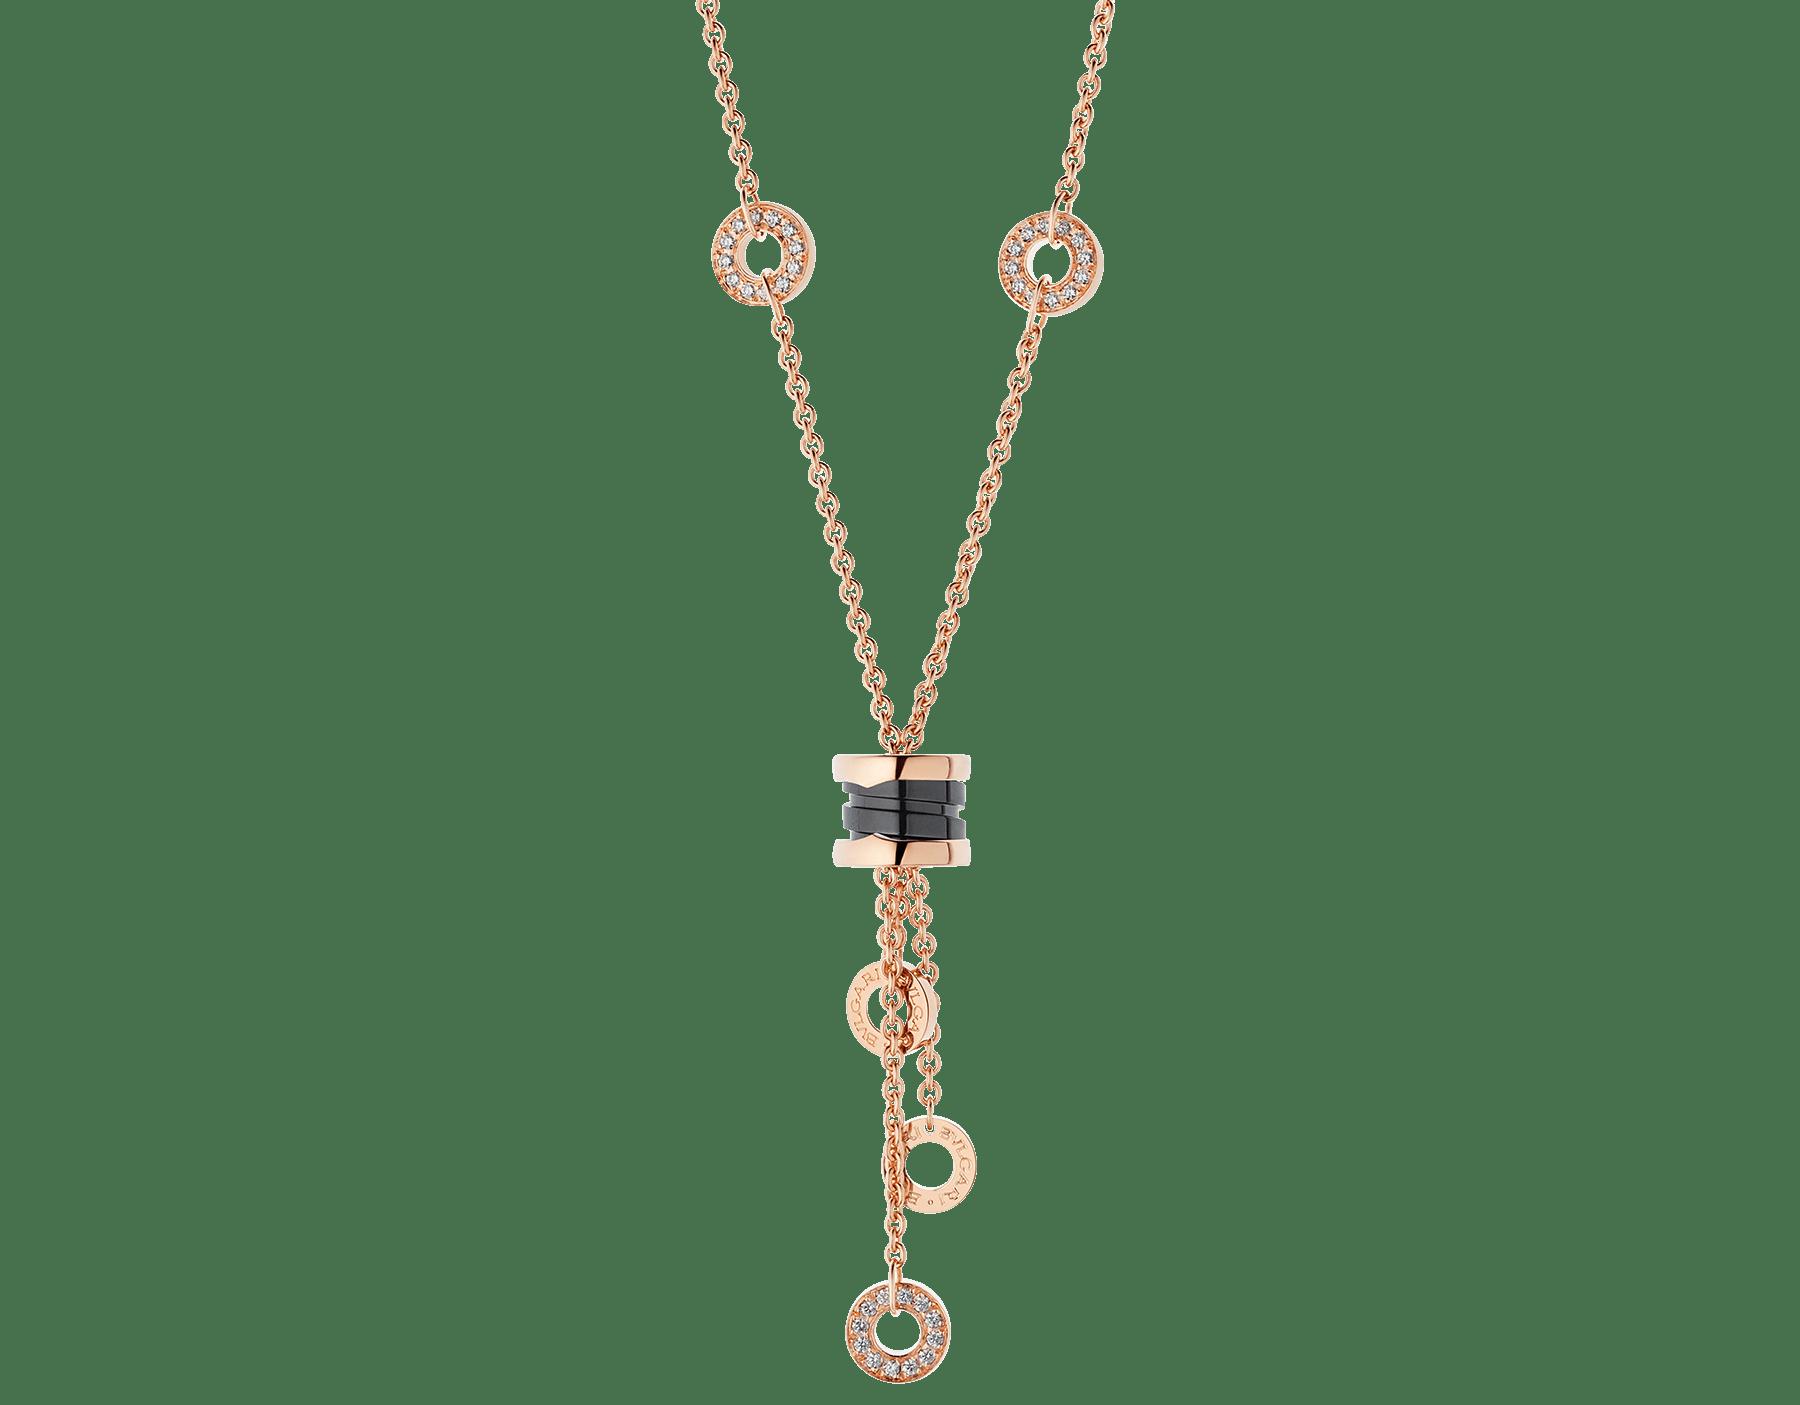 Colar B.zero1 com corrente em ouro rosa 18K cravejada com pavê de diamantes, pingente em ouro rosa 18K e cerâmica preta. 347578 image 1